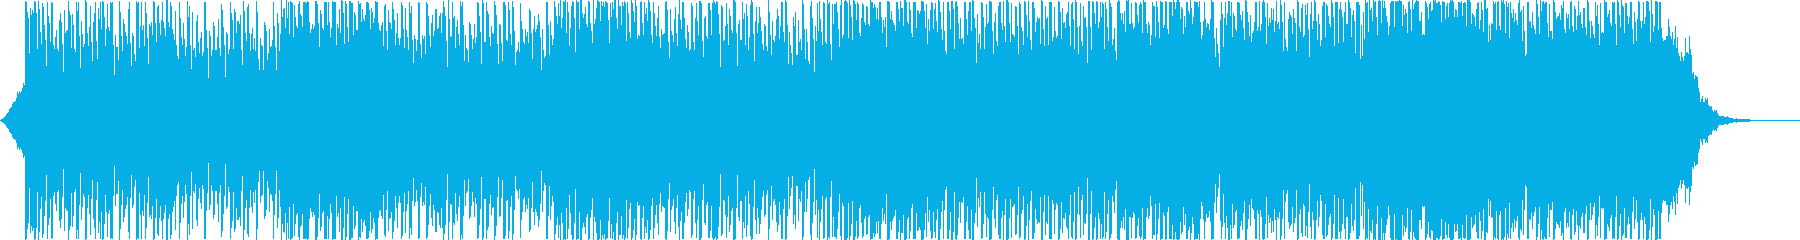 ピアノとシンセパッドのミディアムハウスの再生済みの波形